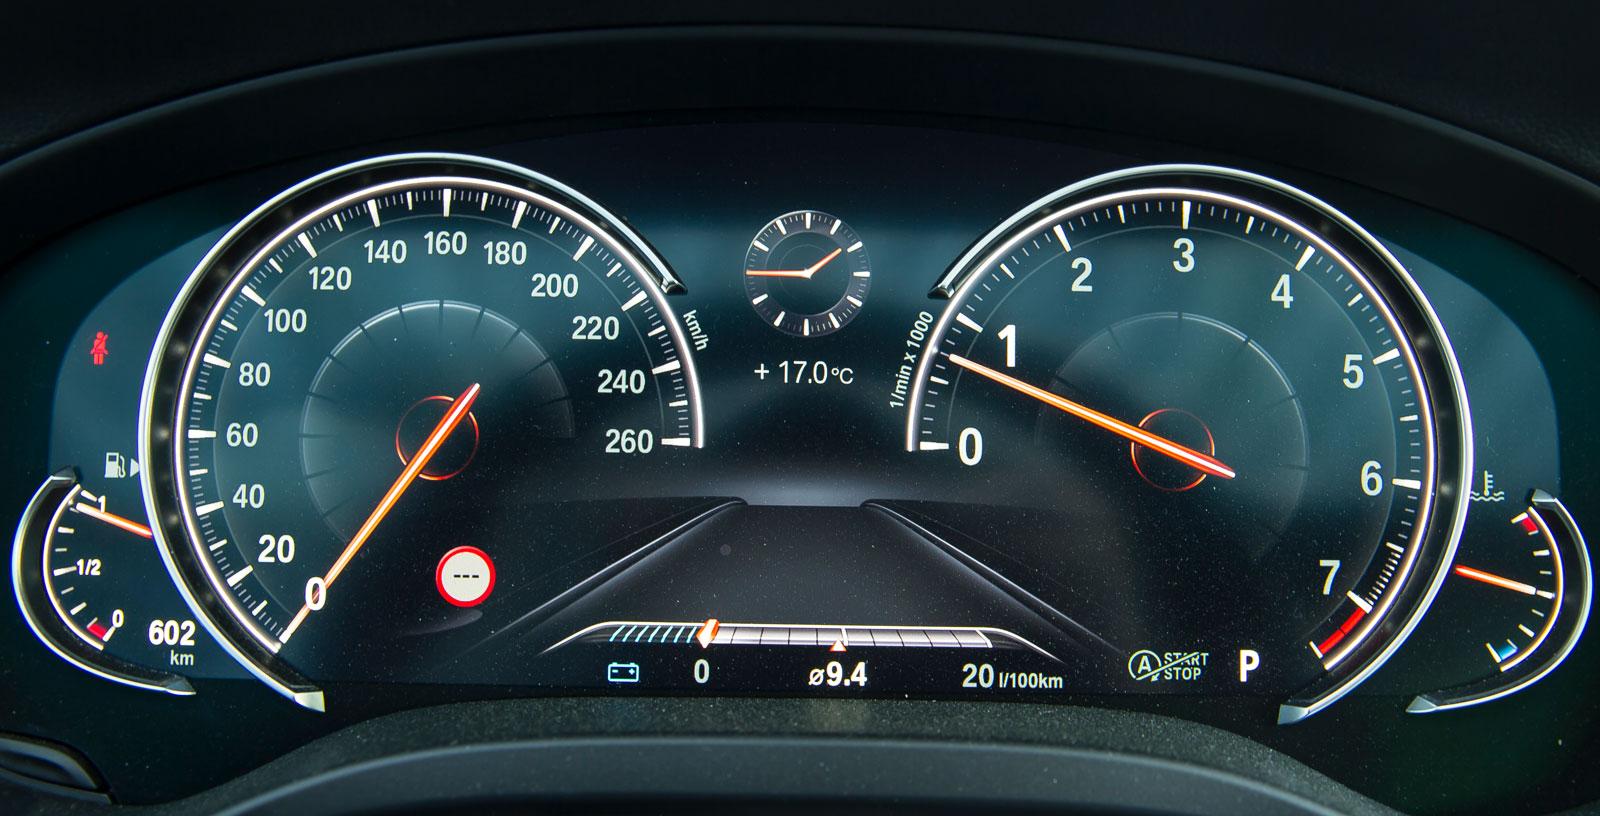 BMW:s helt elektroniska instrumentvisning ser analog ut och är mycket tydlig, trots rikhaltig information.